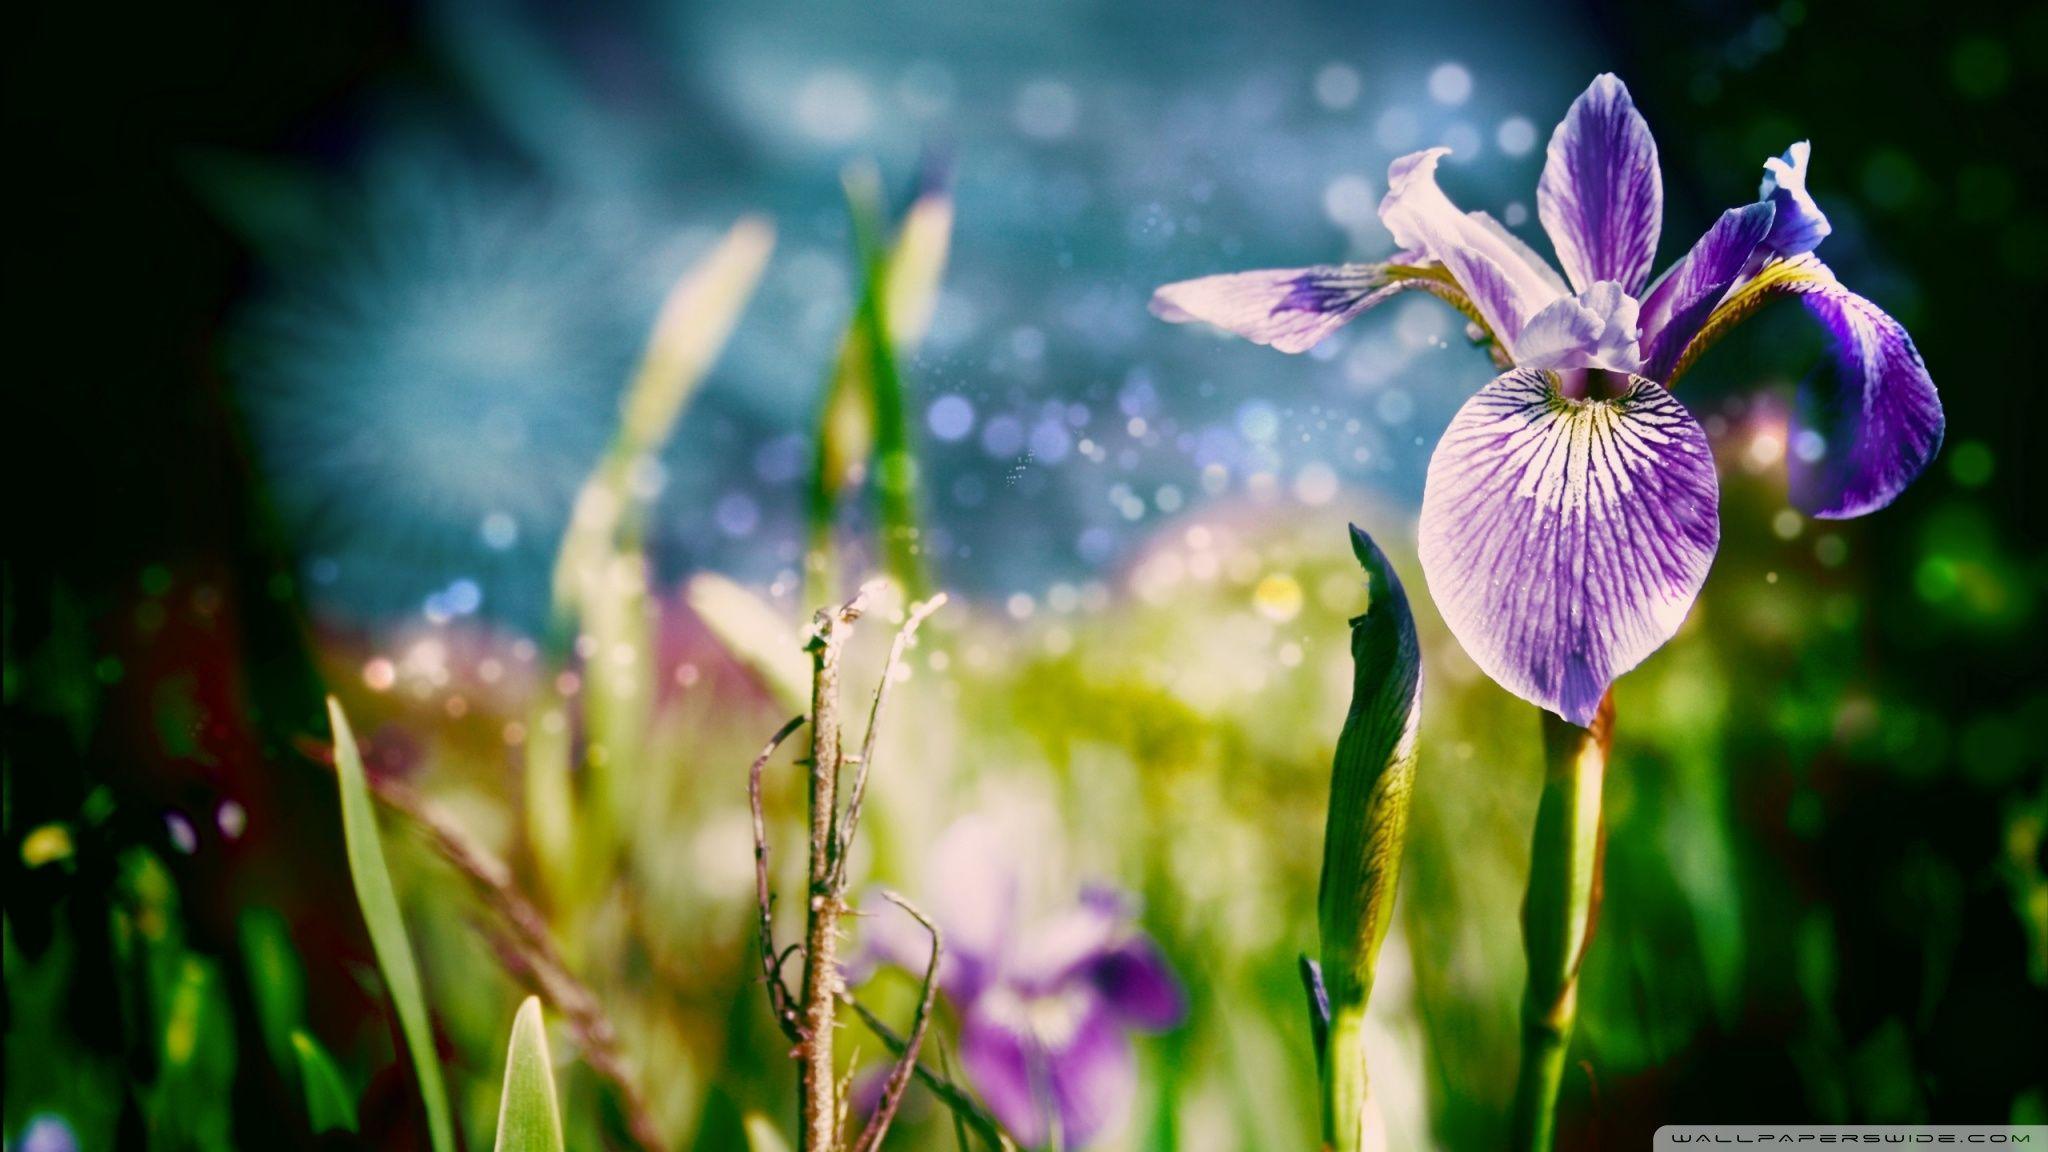 Magic flowers hd desktop wallpaper widescreen high definition